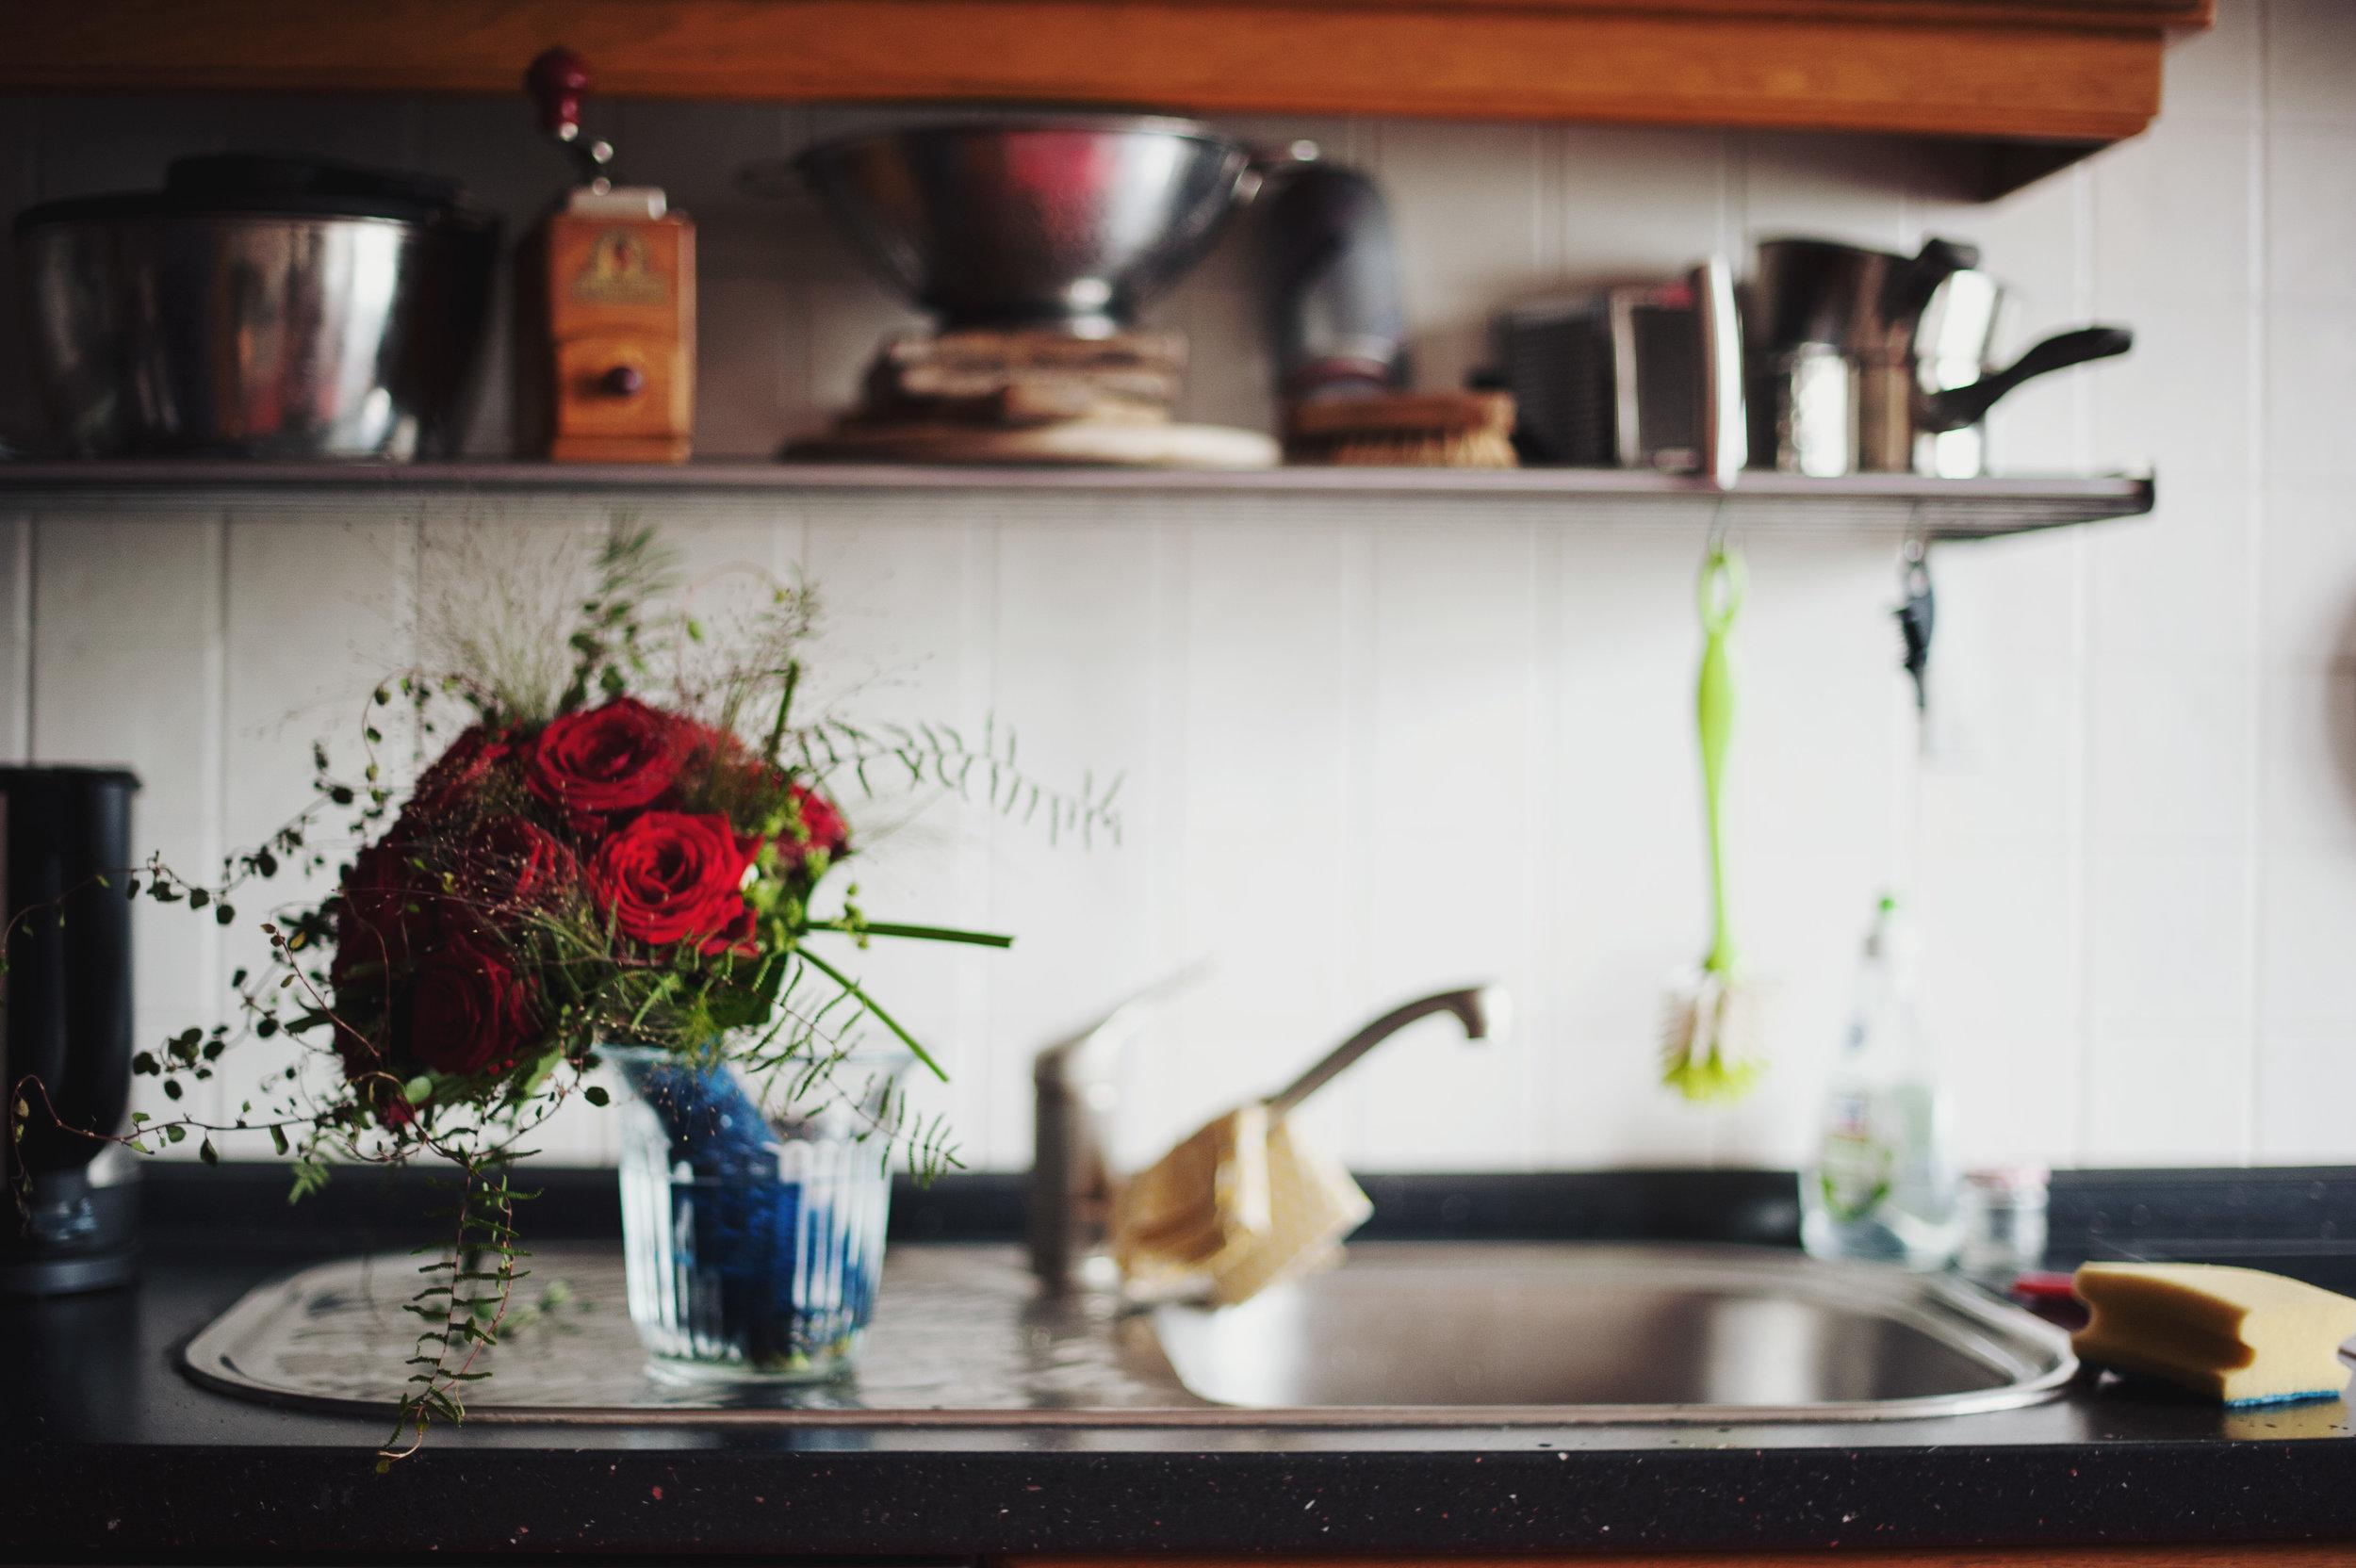 hochzeit-brautstrauß-küche-wasser.jpg